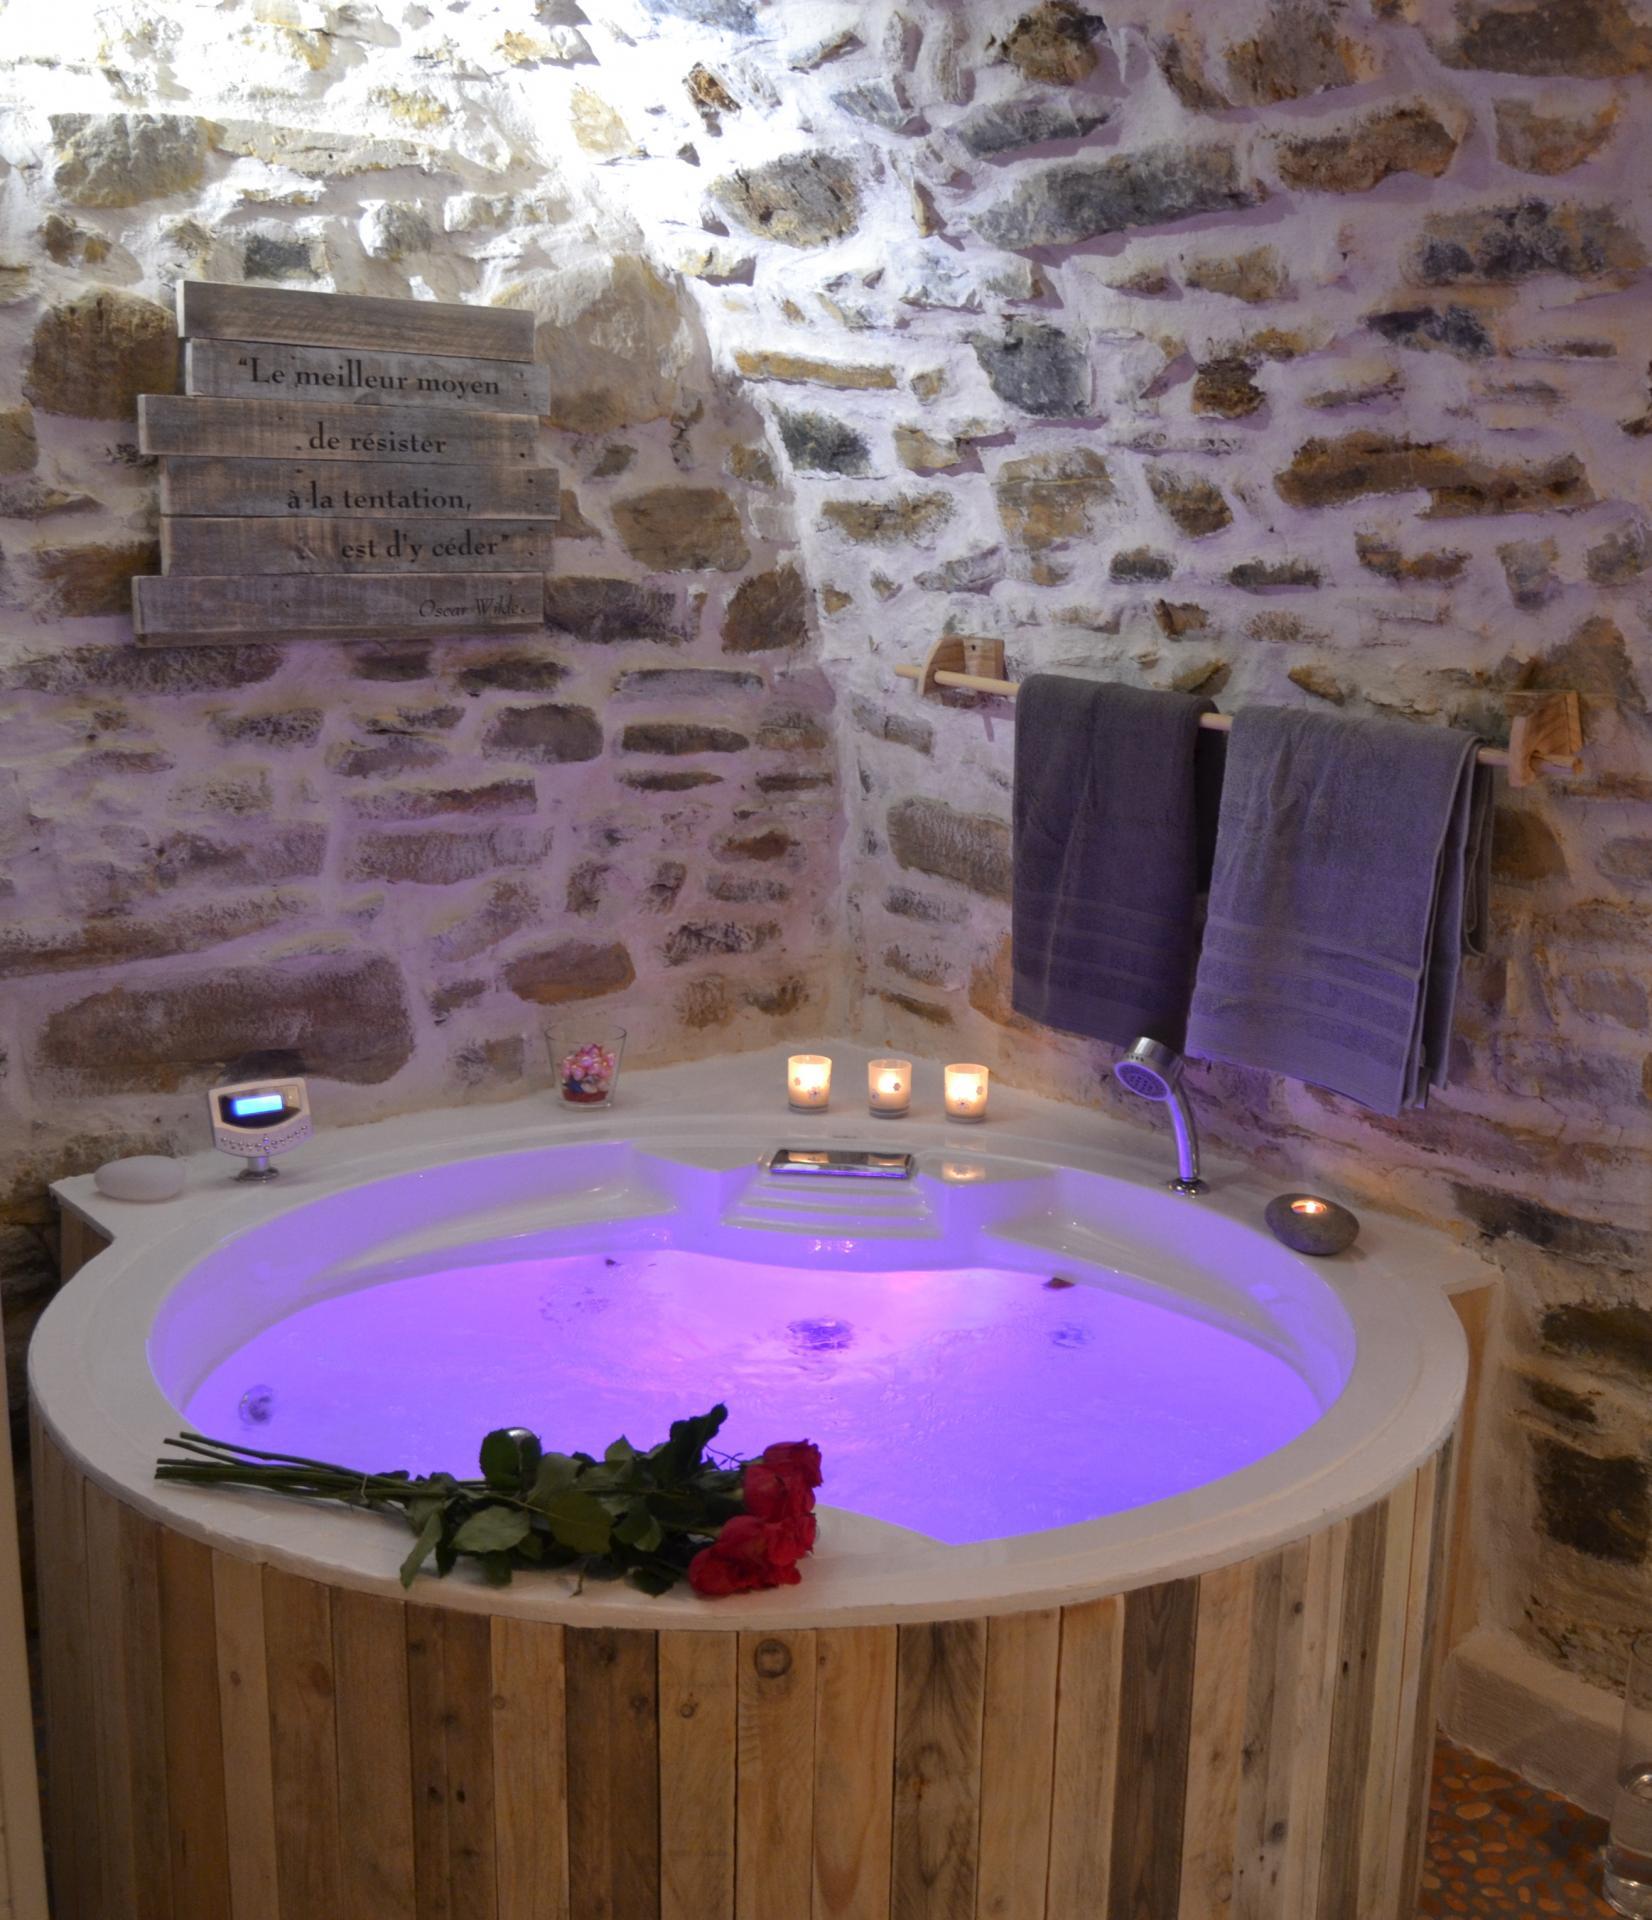 Chambre d 39 h tes romantique l 39 antre parenth se avec sauna baignoire jacuzzi ronde pour deux - Chambre d hote pour amoureux ...